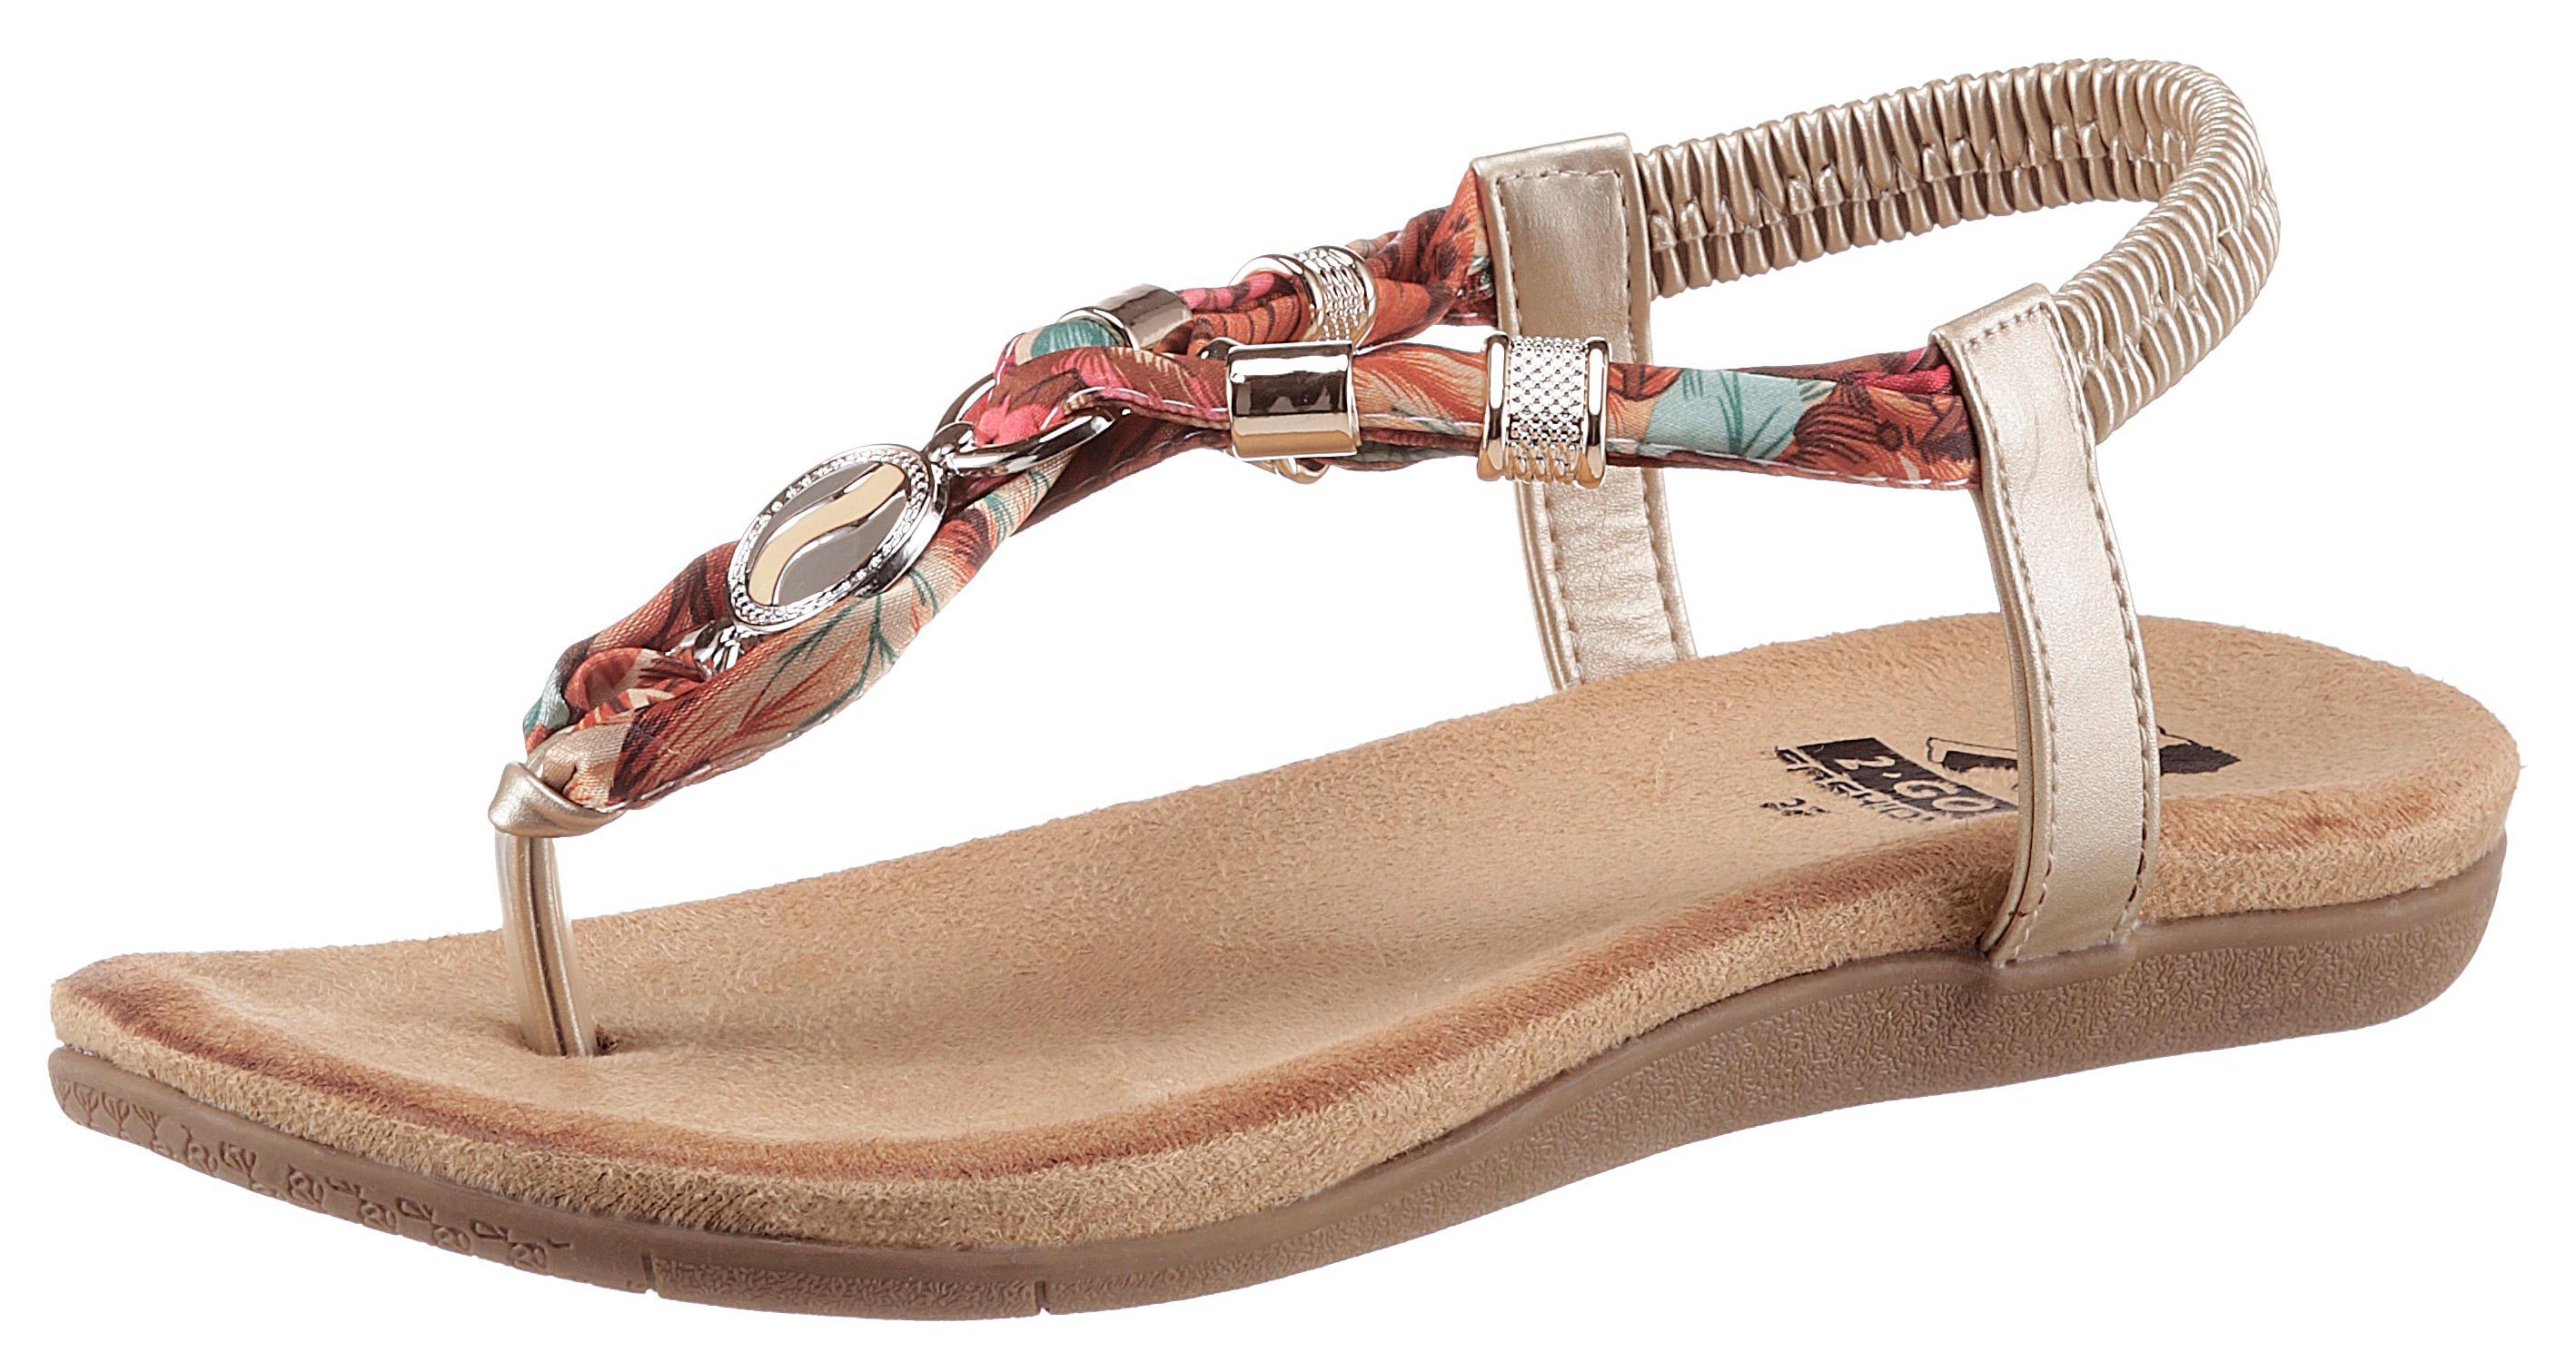 Image of 2GO FASHION Sandale, mit modischen Schmuckapplikationen